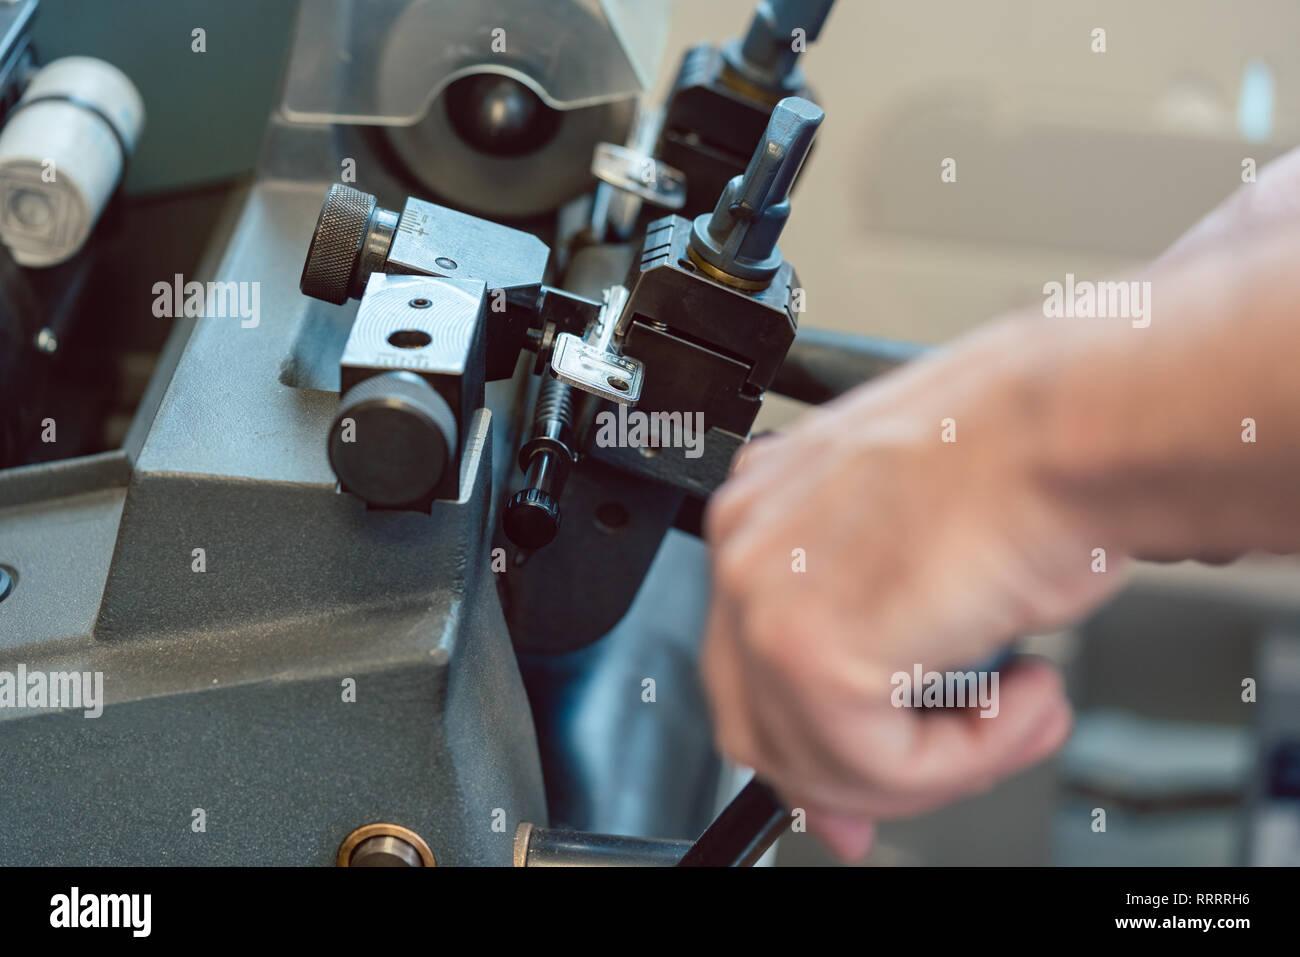 Man copying key - Stock Image